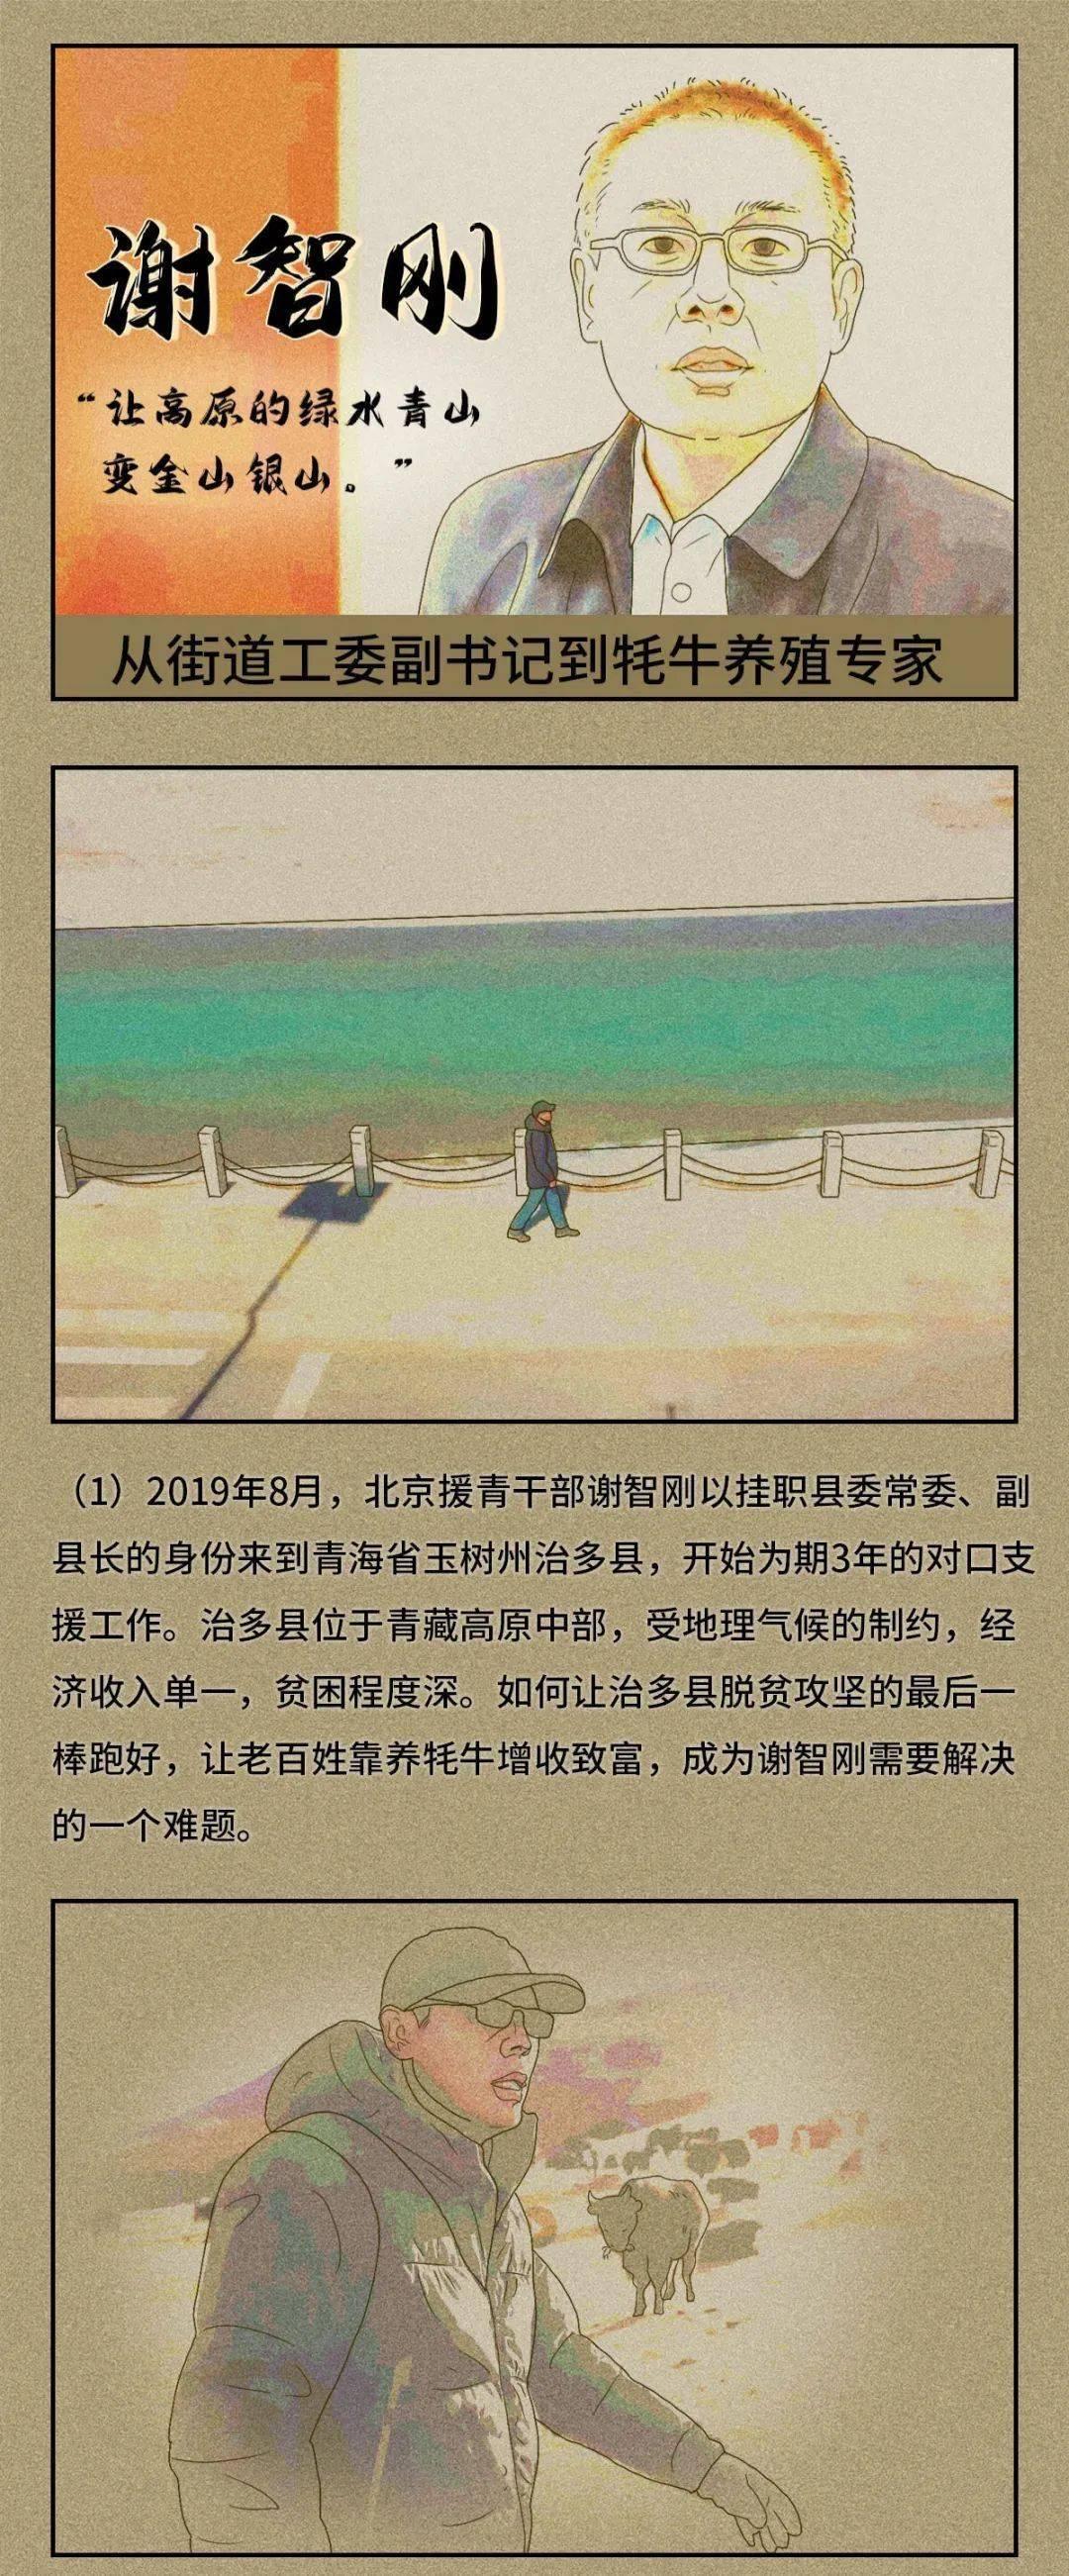 """从街道工委副书记到牦牛养殖专家@谢智刚   """"画""""说身边的党员"""